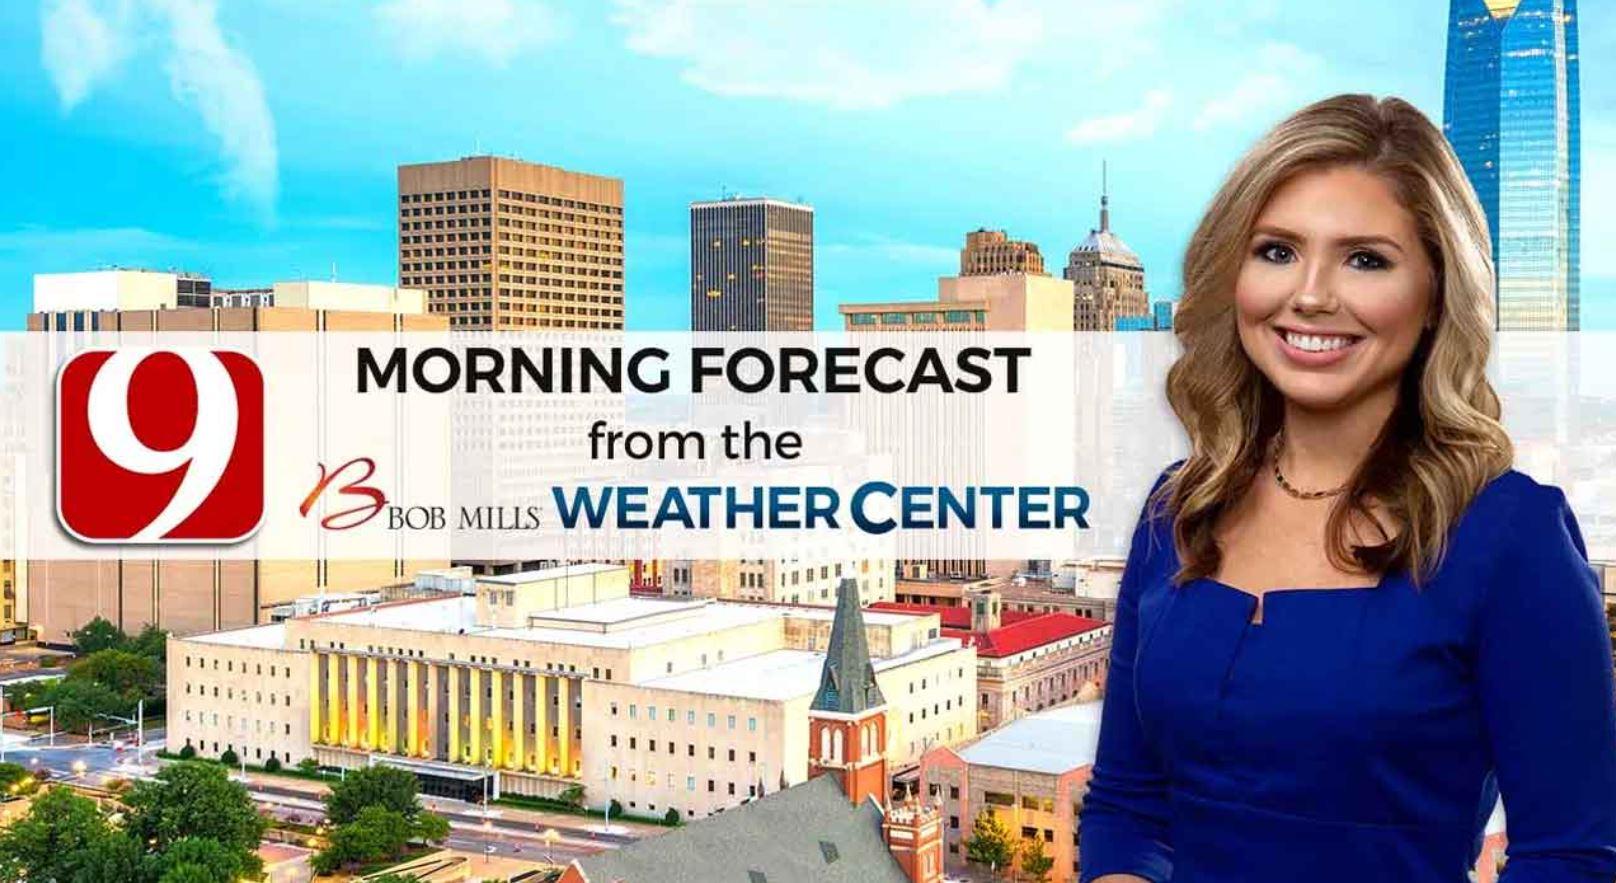 Cassie's Wednesday 9 A.M. Forecast